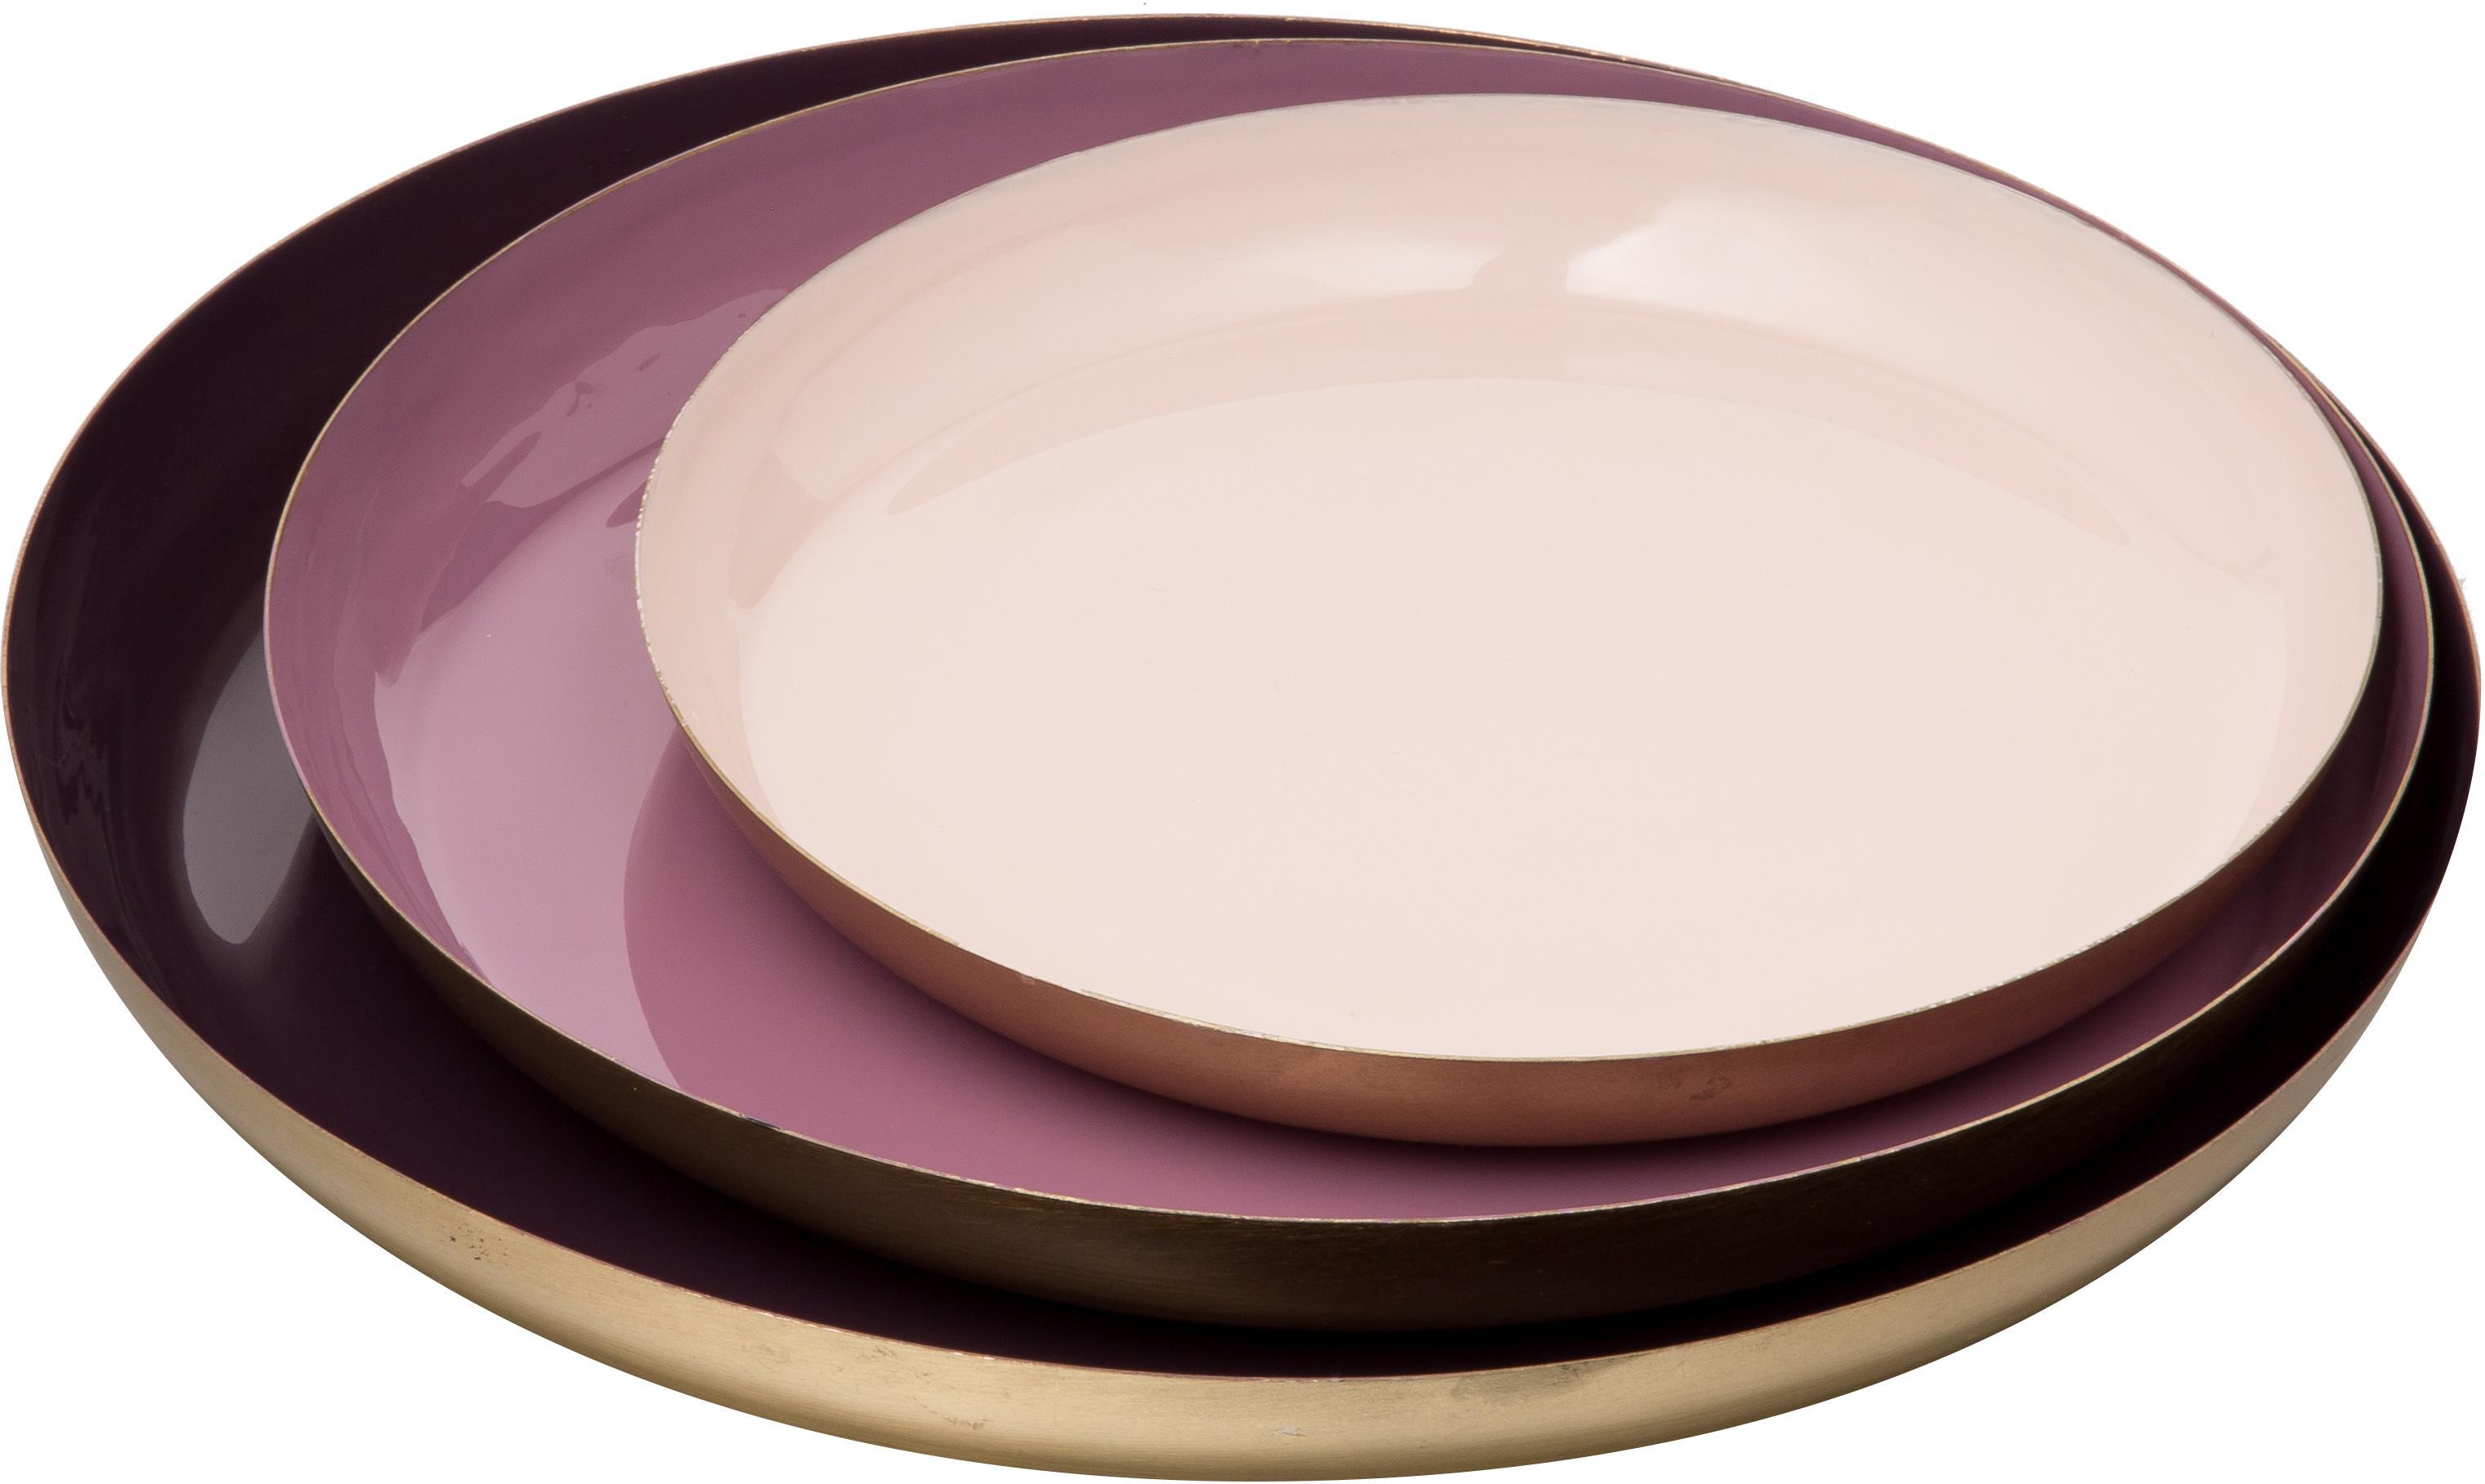 Komplet tac dekoracyjnych Minella, 3 elem., Metal lakierowany, Purpurowy, różowy, różowy Krawędź: odcienie złotego, Komplet z różnymi rozmiarami